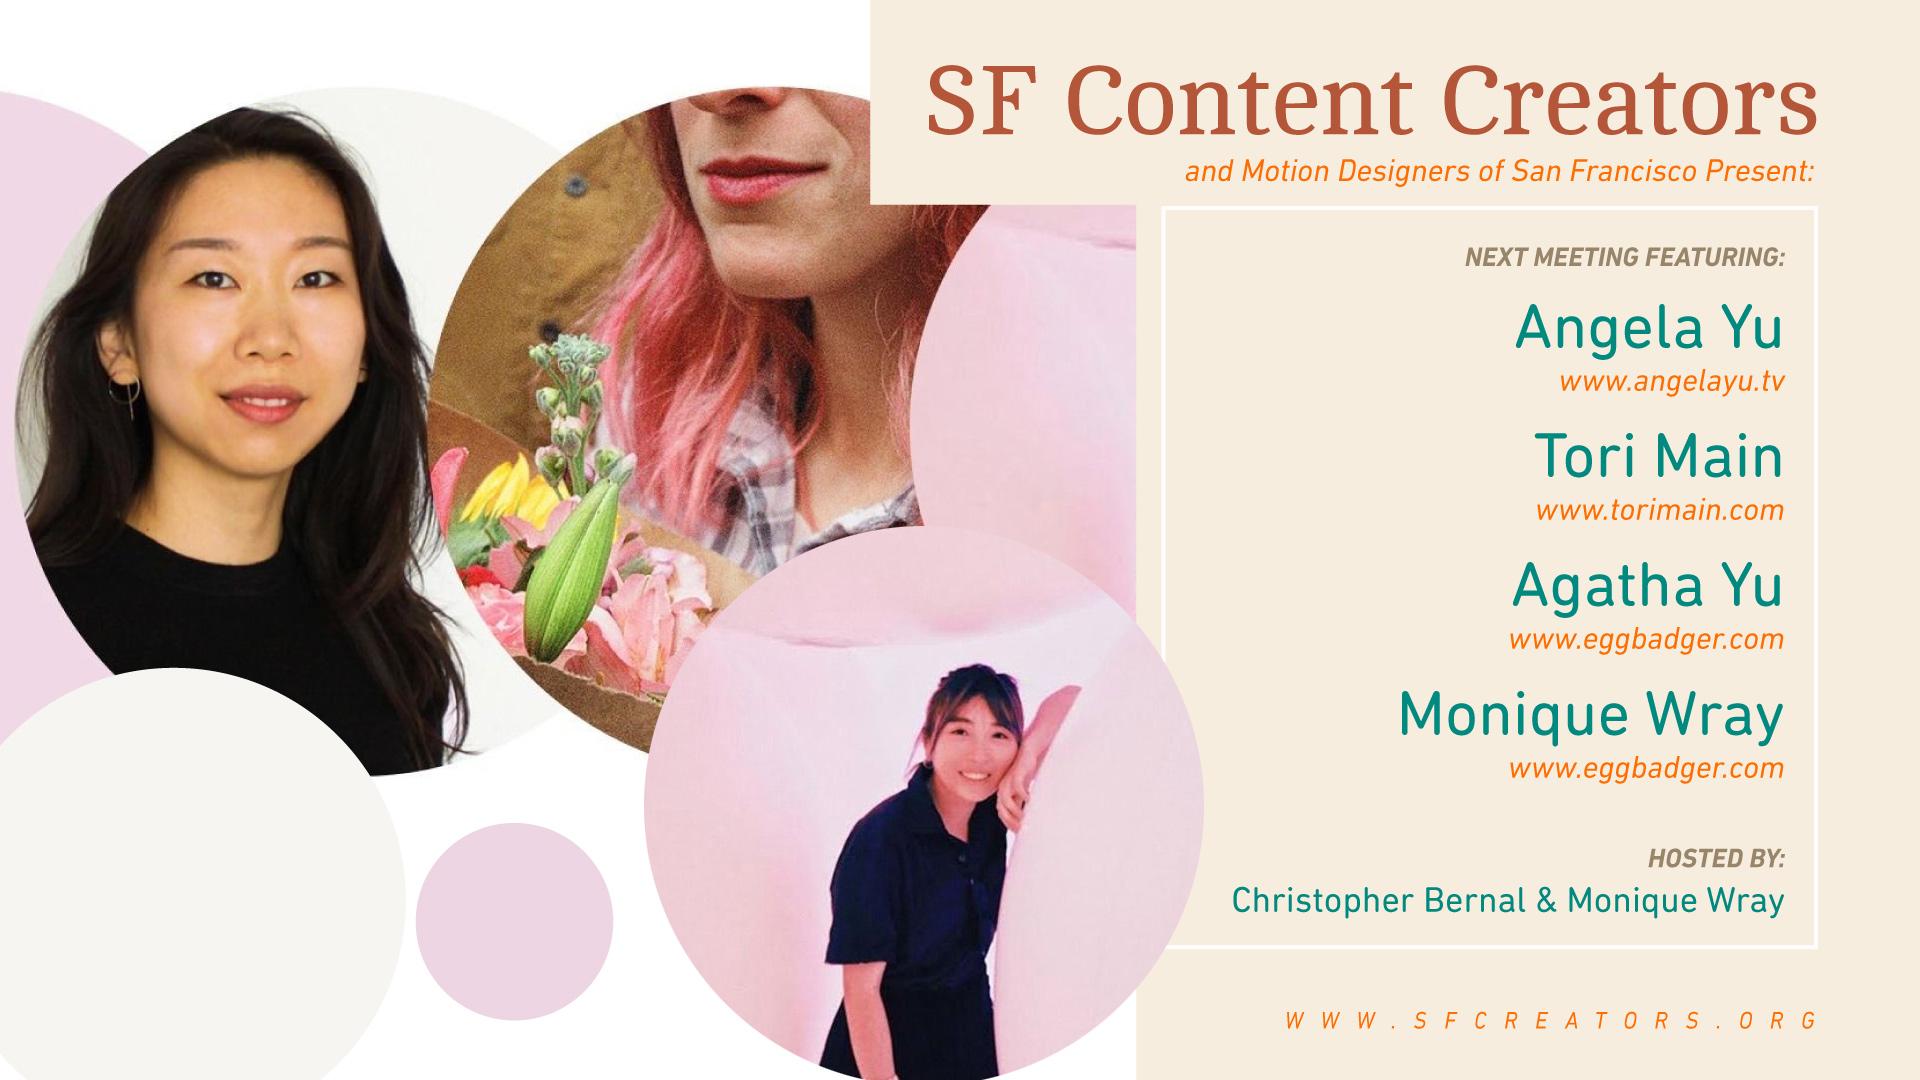 San Francisco Content Creators